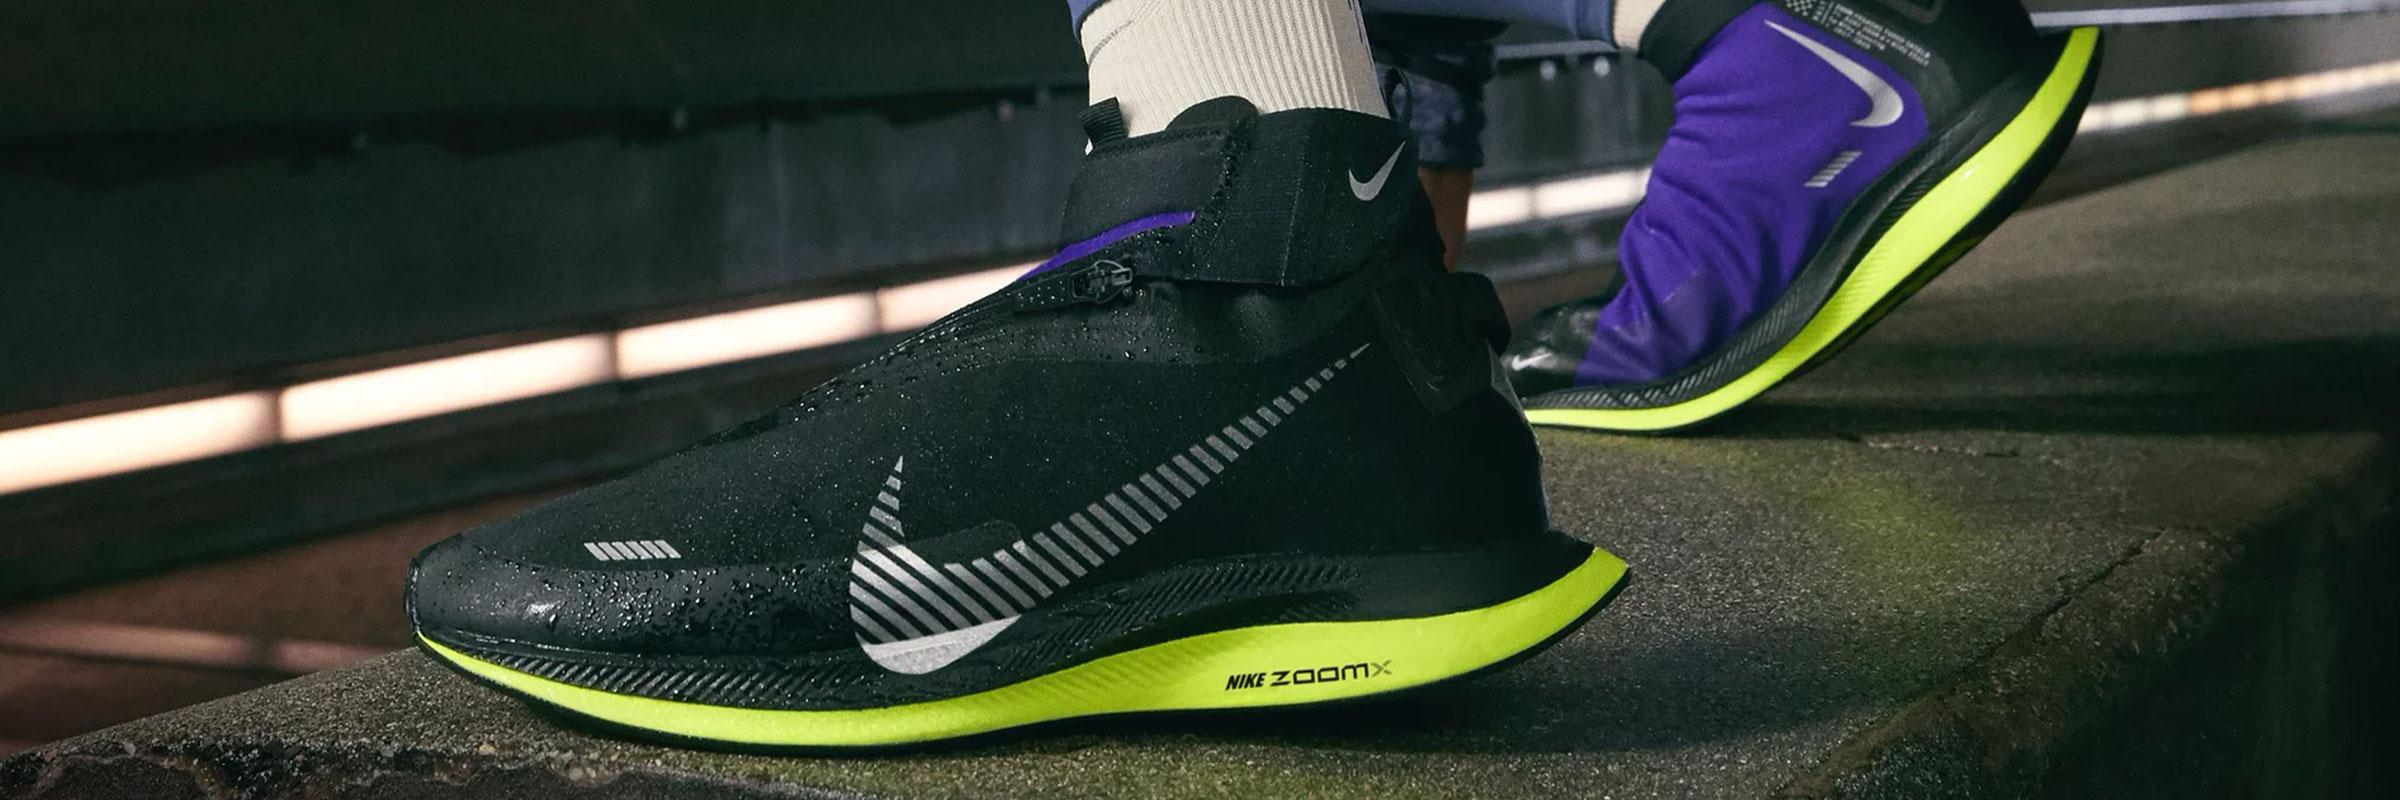 Nike Turbo Shield